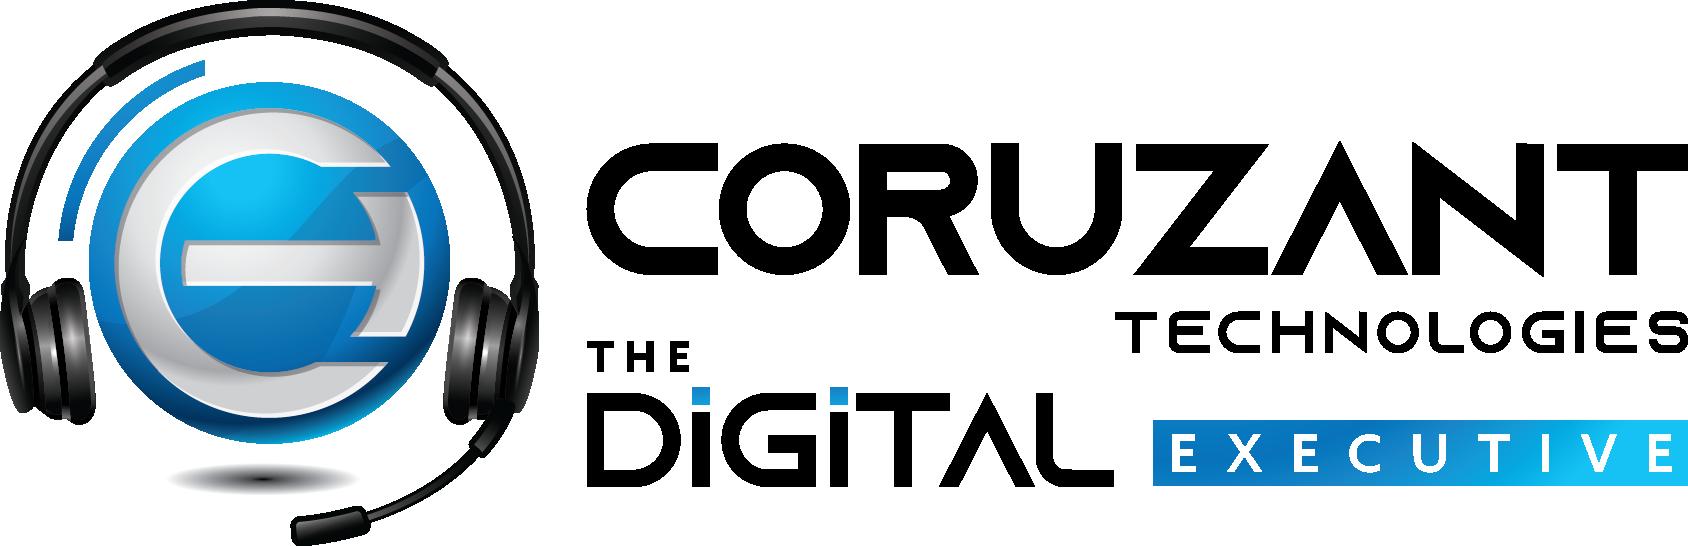 The Digital Executive Podcast logo